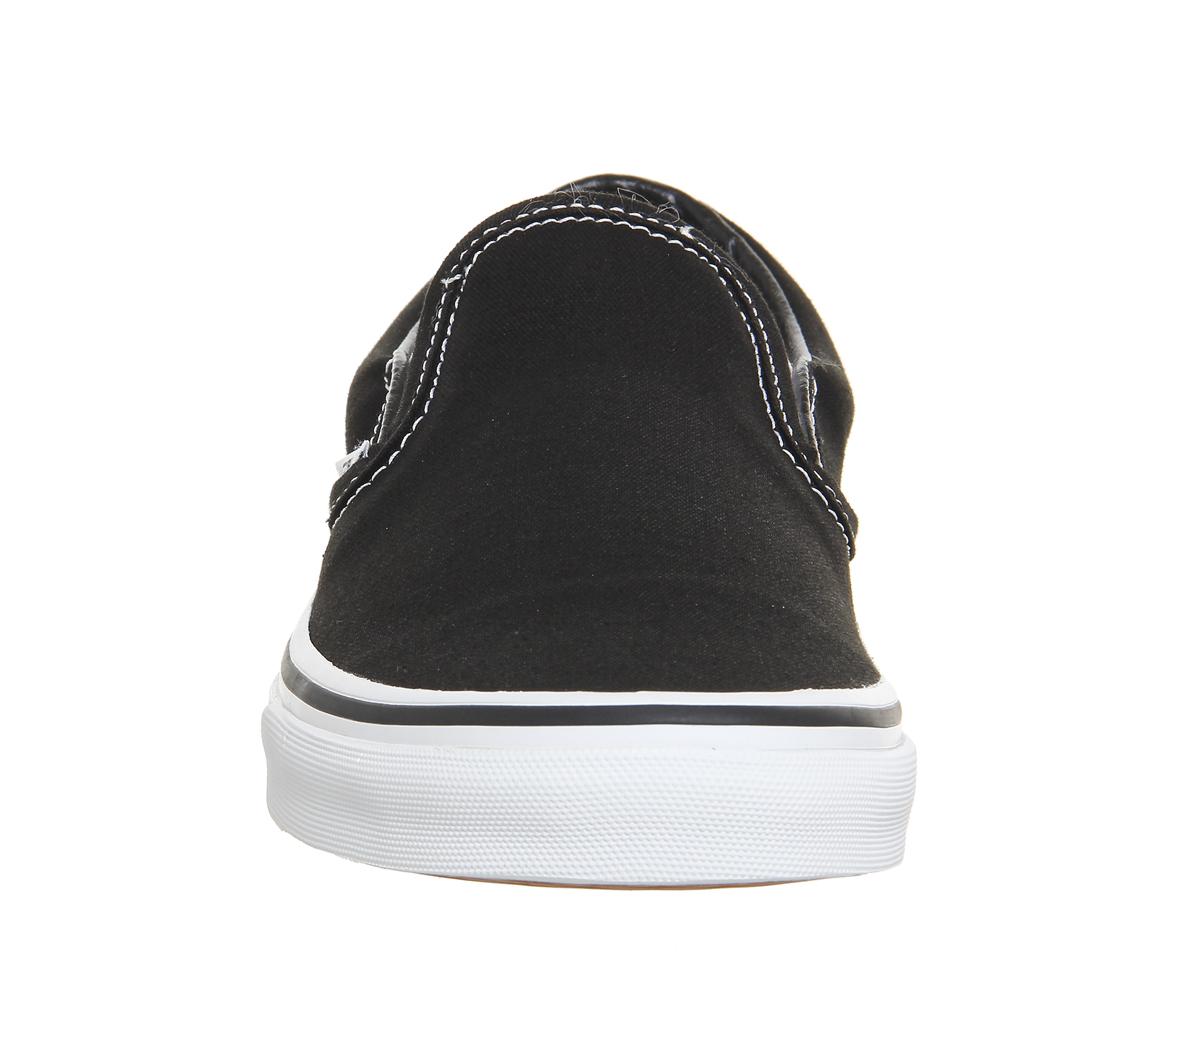 Herren Vans Weiß Klassisch Slipper Turnschuhe Schwarz Weiß Vans Turn Schuhe e1c55b